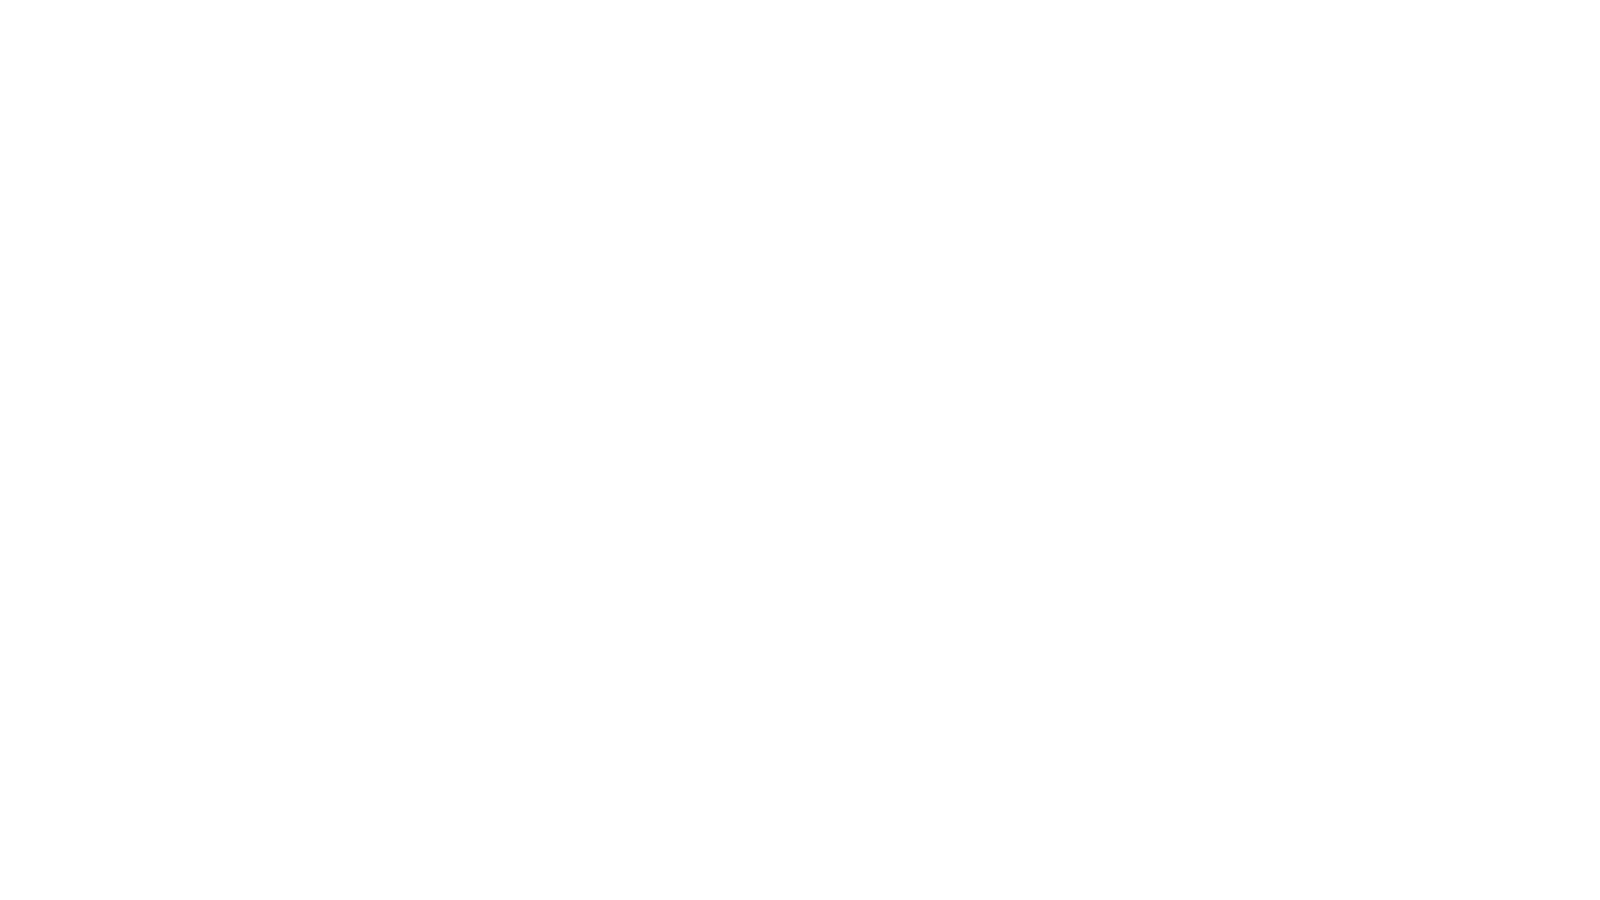 O maior evento da entidade ao qual reúne várias gerações de transportadores, profissionais do setor, fornecedores e outros integrantes que compõem a cadeia do TRC e seus familiares, está com um novo formato para novos tempos.  Devido o momento atual, realizaremos o evento em formato online, dando a oportunidade de um alcance maior e promovendo ainda mais aprendizados com palestras de alto nível, troca de informações, interação e solidificação de relacionamento. Tudo isso com uma programação minuciosamente planejada pela NTC&Logística em conjunto com Coordenação Nacional da COMJOVEM.   O valor inscrição será revertido 100% para a Ação do Bem 2020, com opções de valores, que beneficiará projetos dos Núcleos da comissão em todo o Brasil, ajudando-os a realizar mais ações em prol de pessoas carentes, que passam por necessidade, por meio de entidades sérias e comprometidas com a nossa causa.  Sua participação é muito importante e vale ressaltar que as inscrições são limitadas. Não fique de fora! NTC&LOGÍSTICA | COMJOVEM